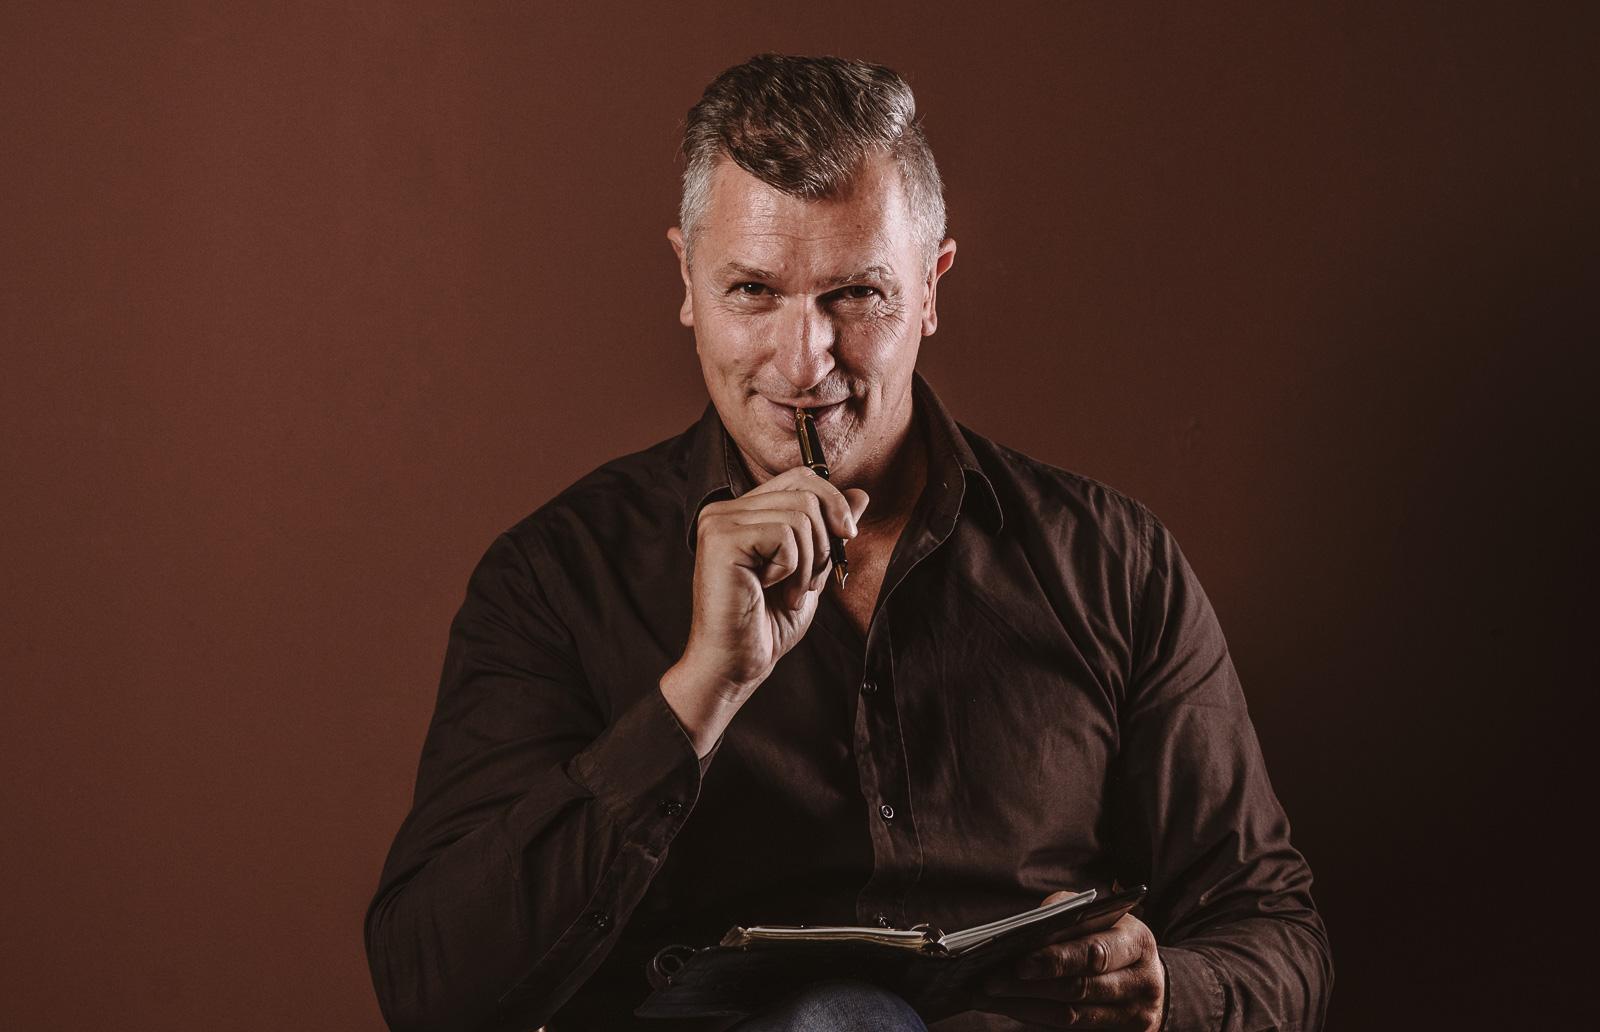 Porträtshooting - Gilbert Köhne vom Konzeptstore Herzblut hat notiert sich seine tolle Idee